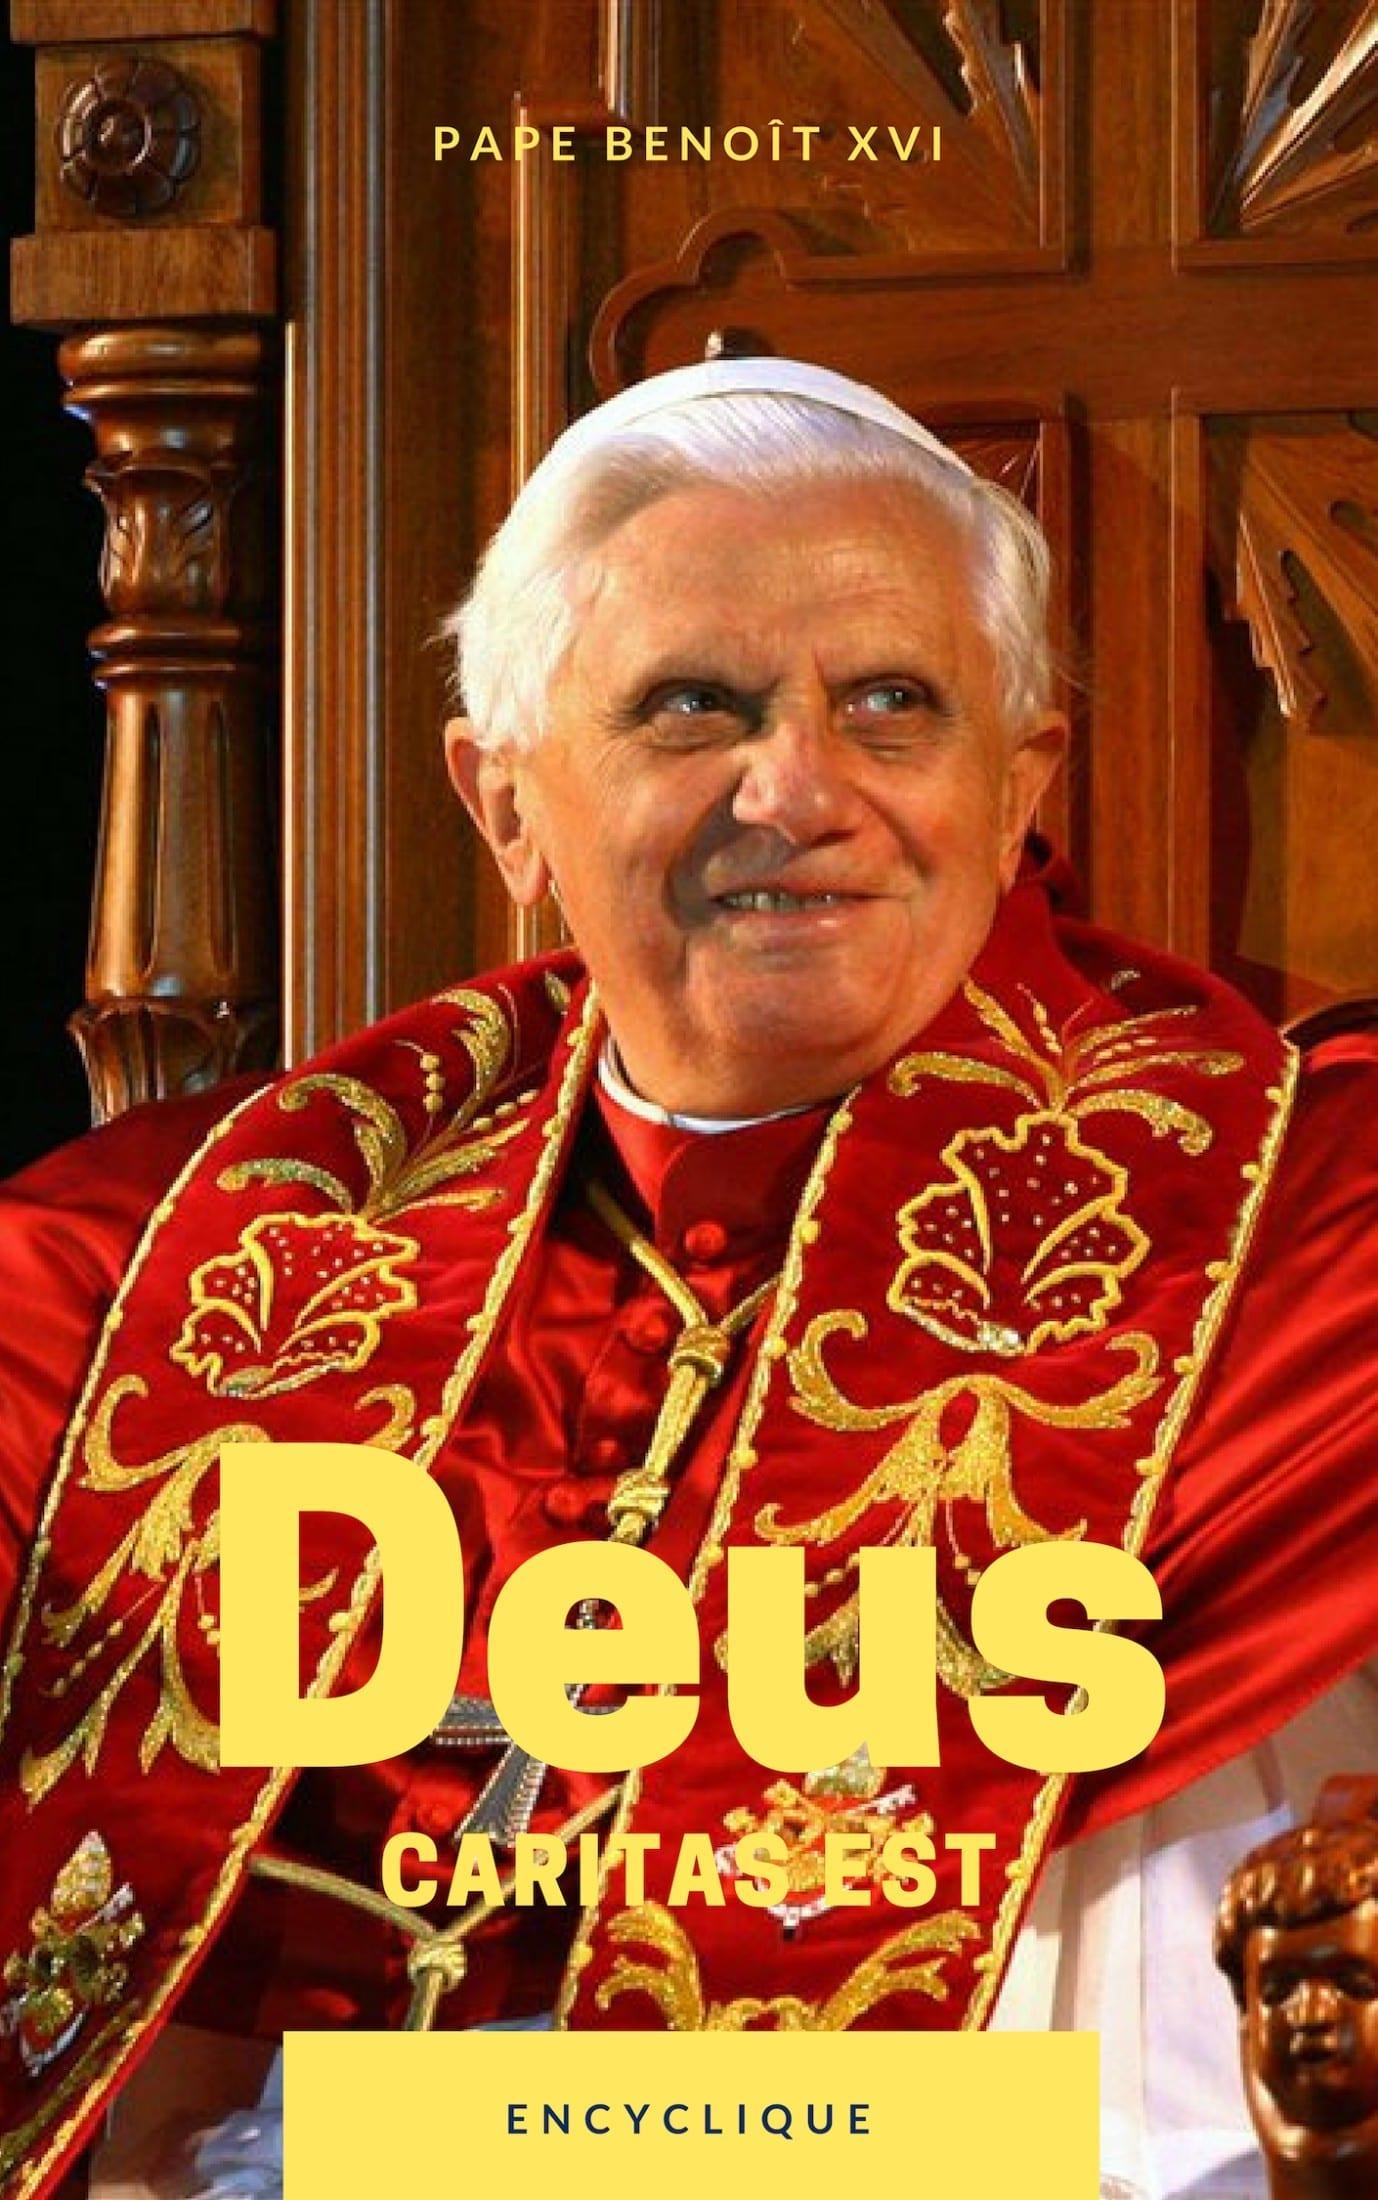 Deus caritas est est une encyclique au sujet de l'amour conjugal, de la sexualité et des oeuvres caritatives de l'Église. Disponible en format électronique sur ma boutique.